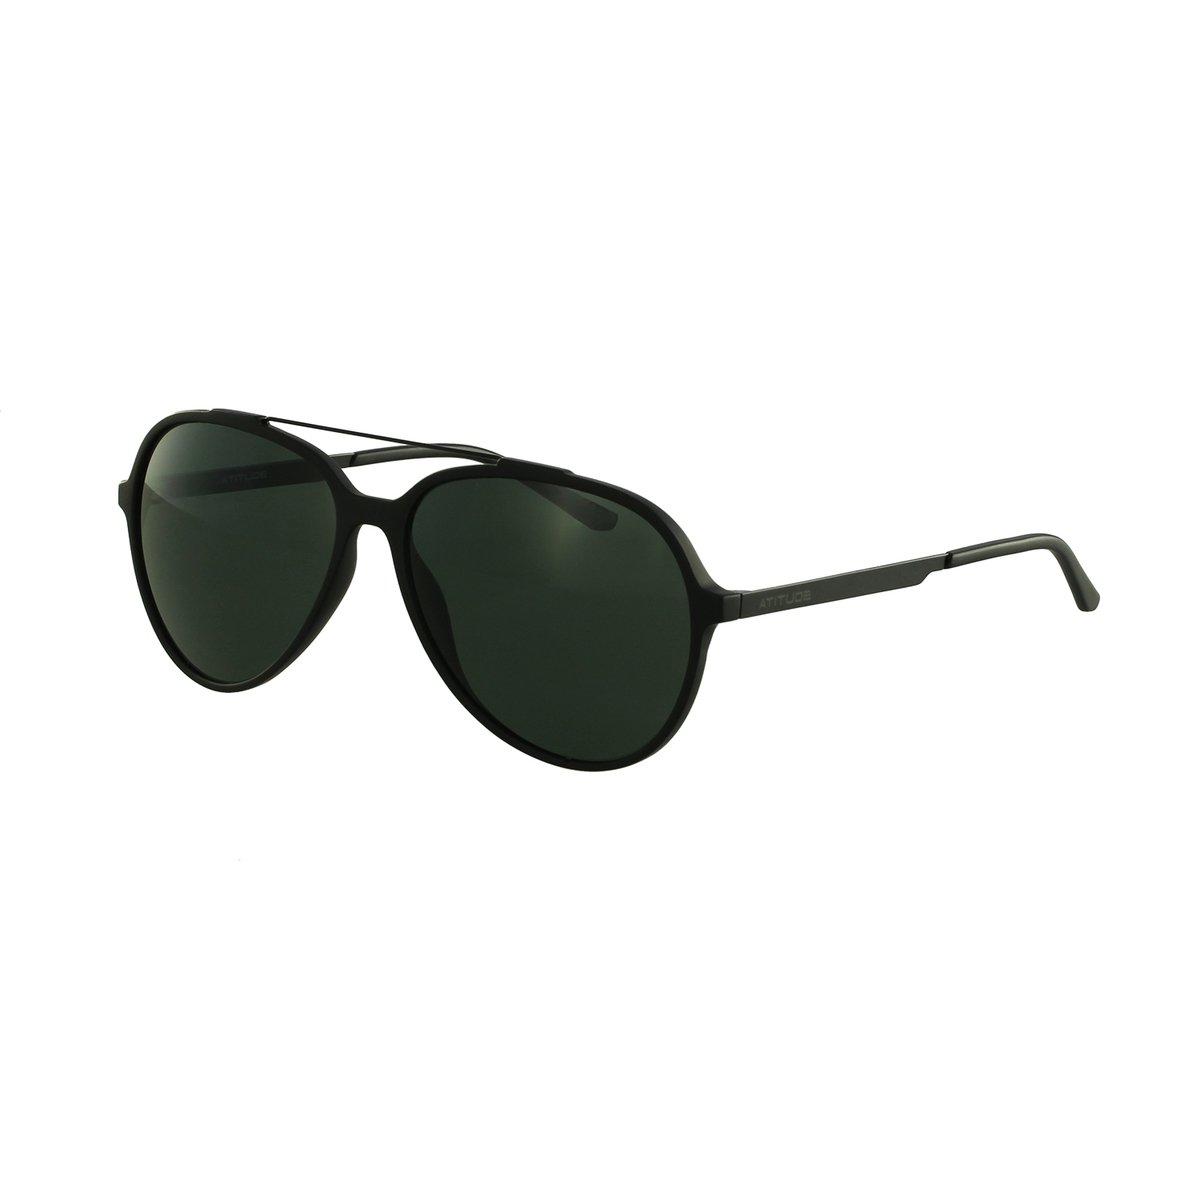 764f2b731f195 Óculos De Sol Atitude Aviador - Compre Agora